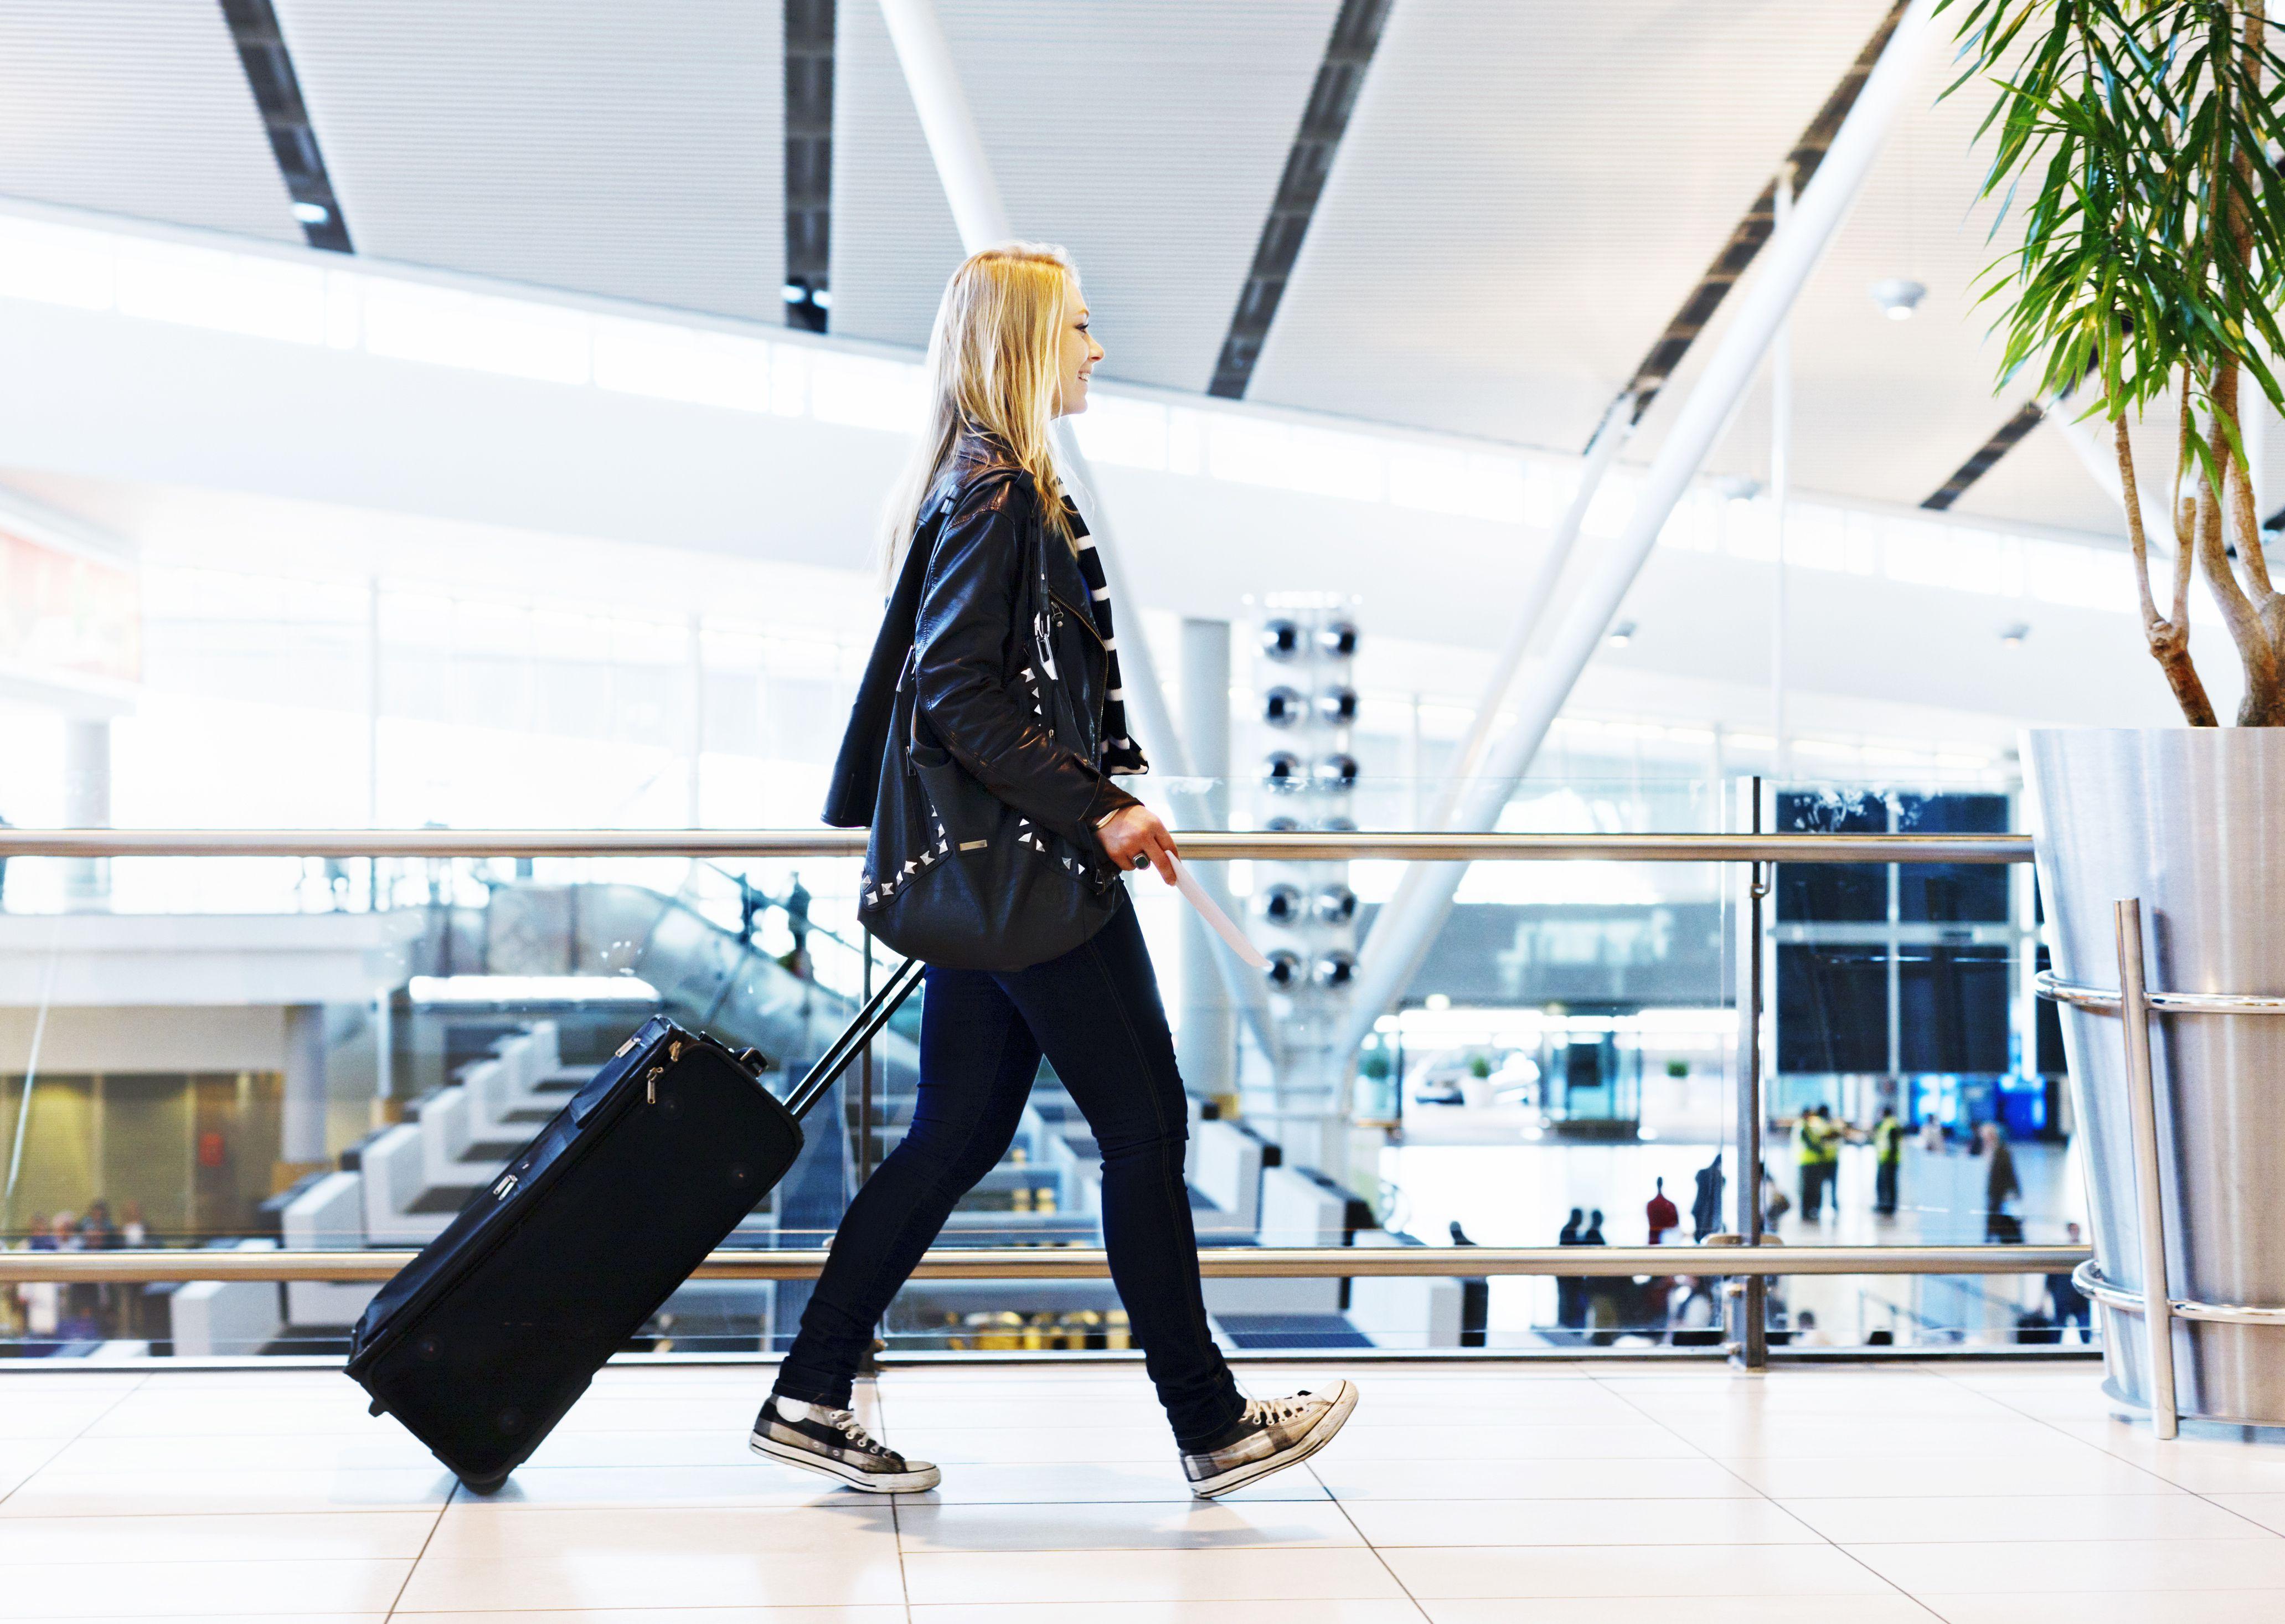 Feliz joven viajero remolcando el caso por el aeropuerto, sonriendo